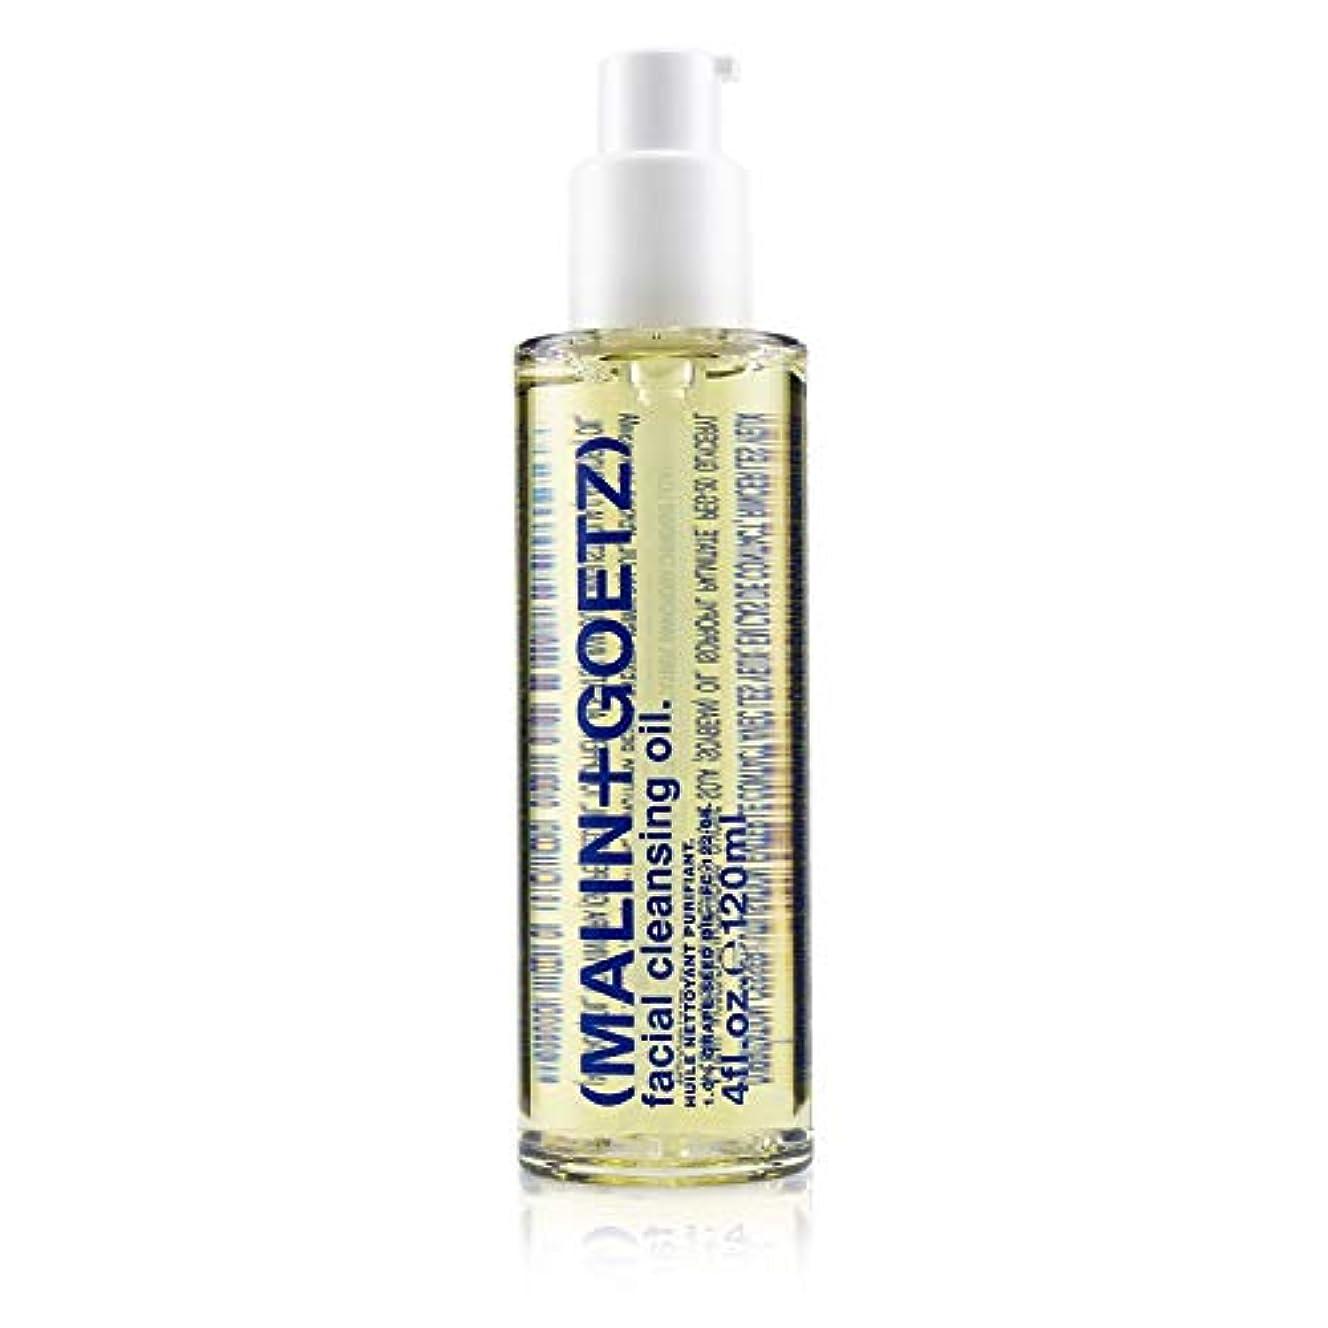 旋律的増幅する牛肉マリン アンド ゴッツ Facial Cleansing Oil 120ml/4oz並行輸入品